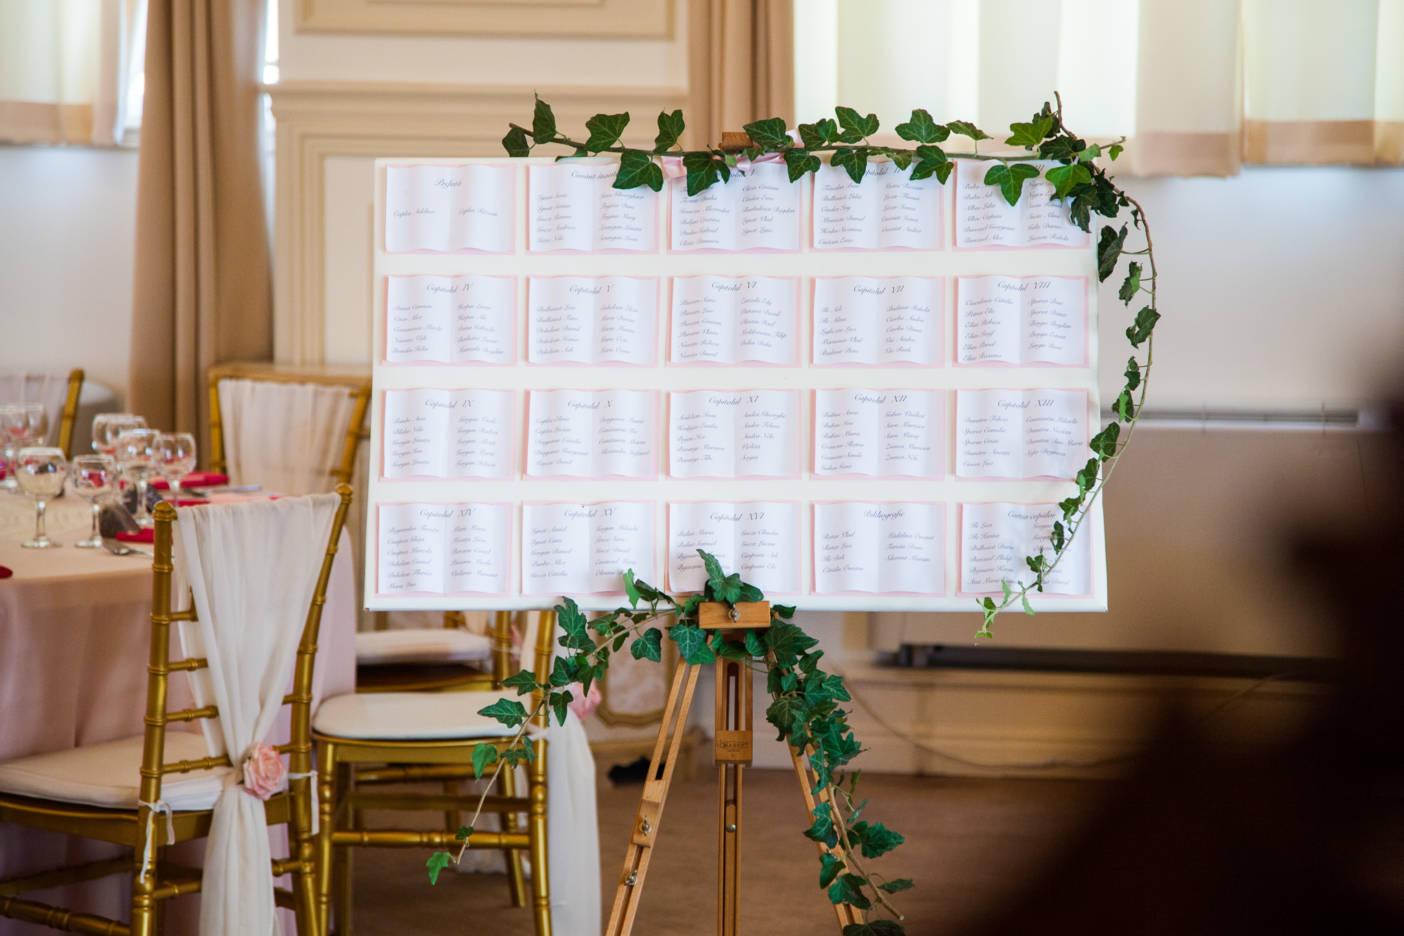 Poza, foto cu Flori de nunta castel domeniul lupas in Arad, Timisoara, Oradea (wedding flowers, bouquets) nunta Arad, Timisoara, Oradea